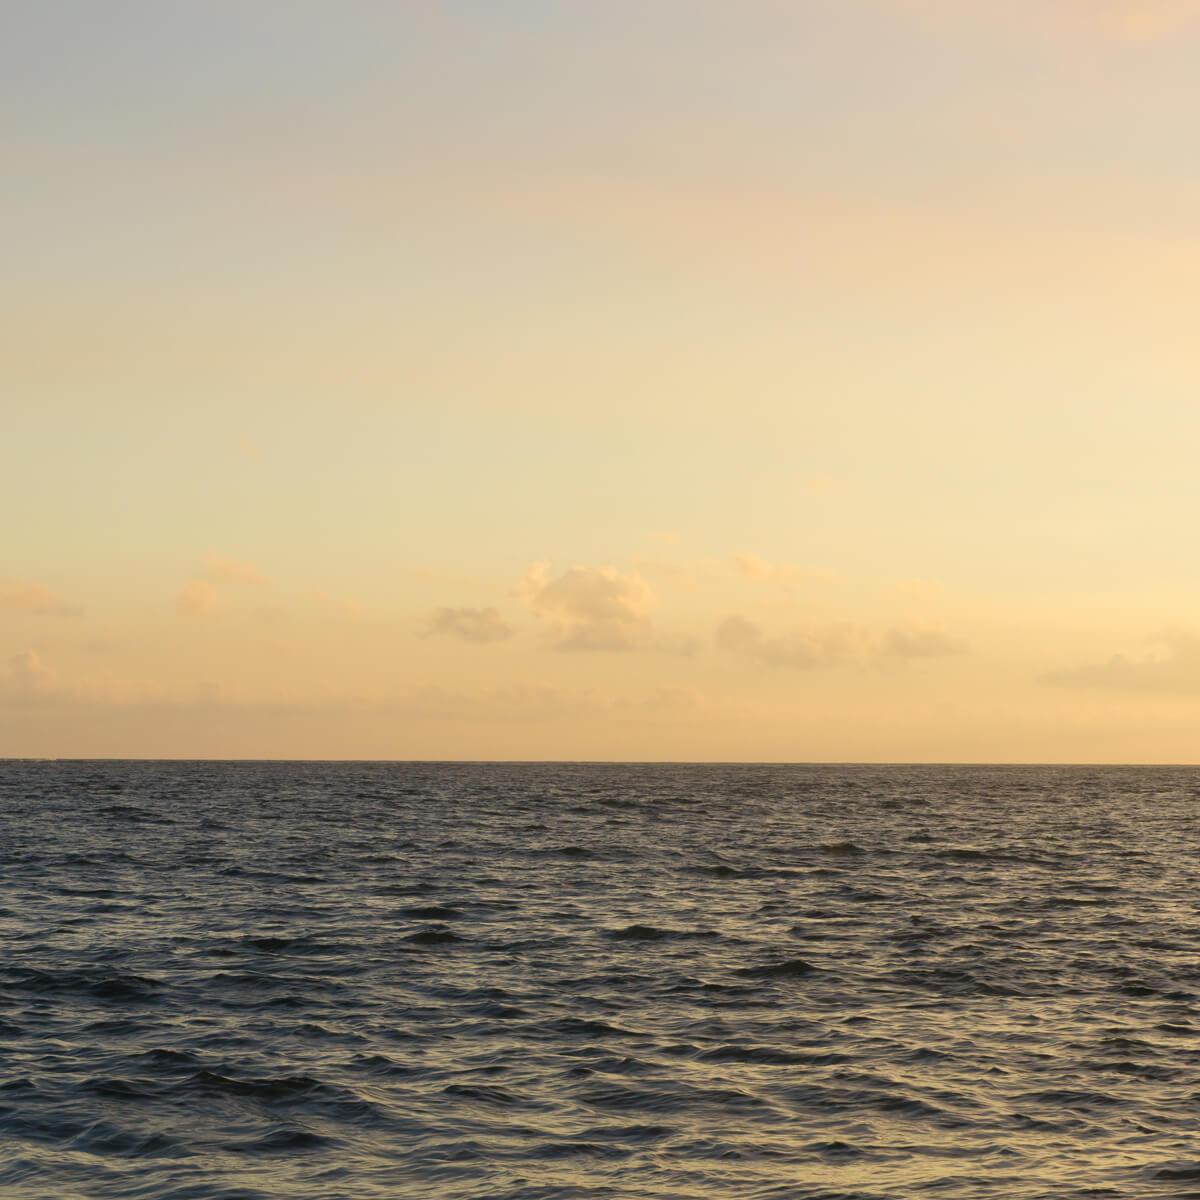 屋久島の海、空 サンセット 屋久島海とジュエリー オーダーメイドマリッジリングのモチーフ